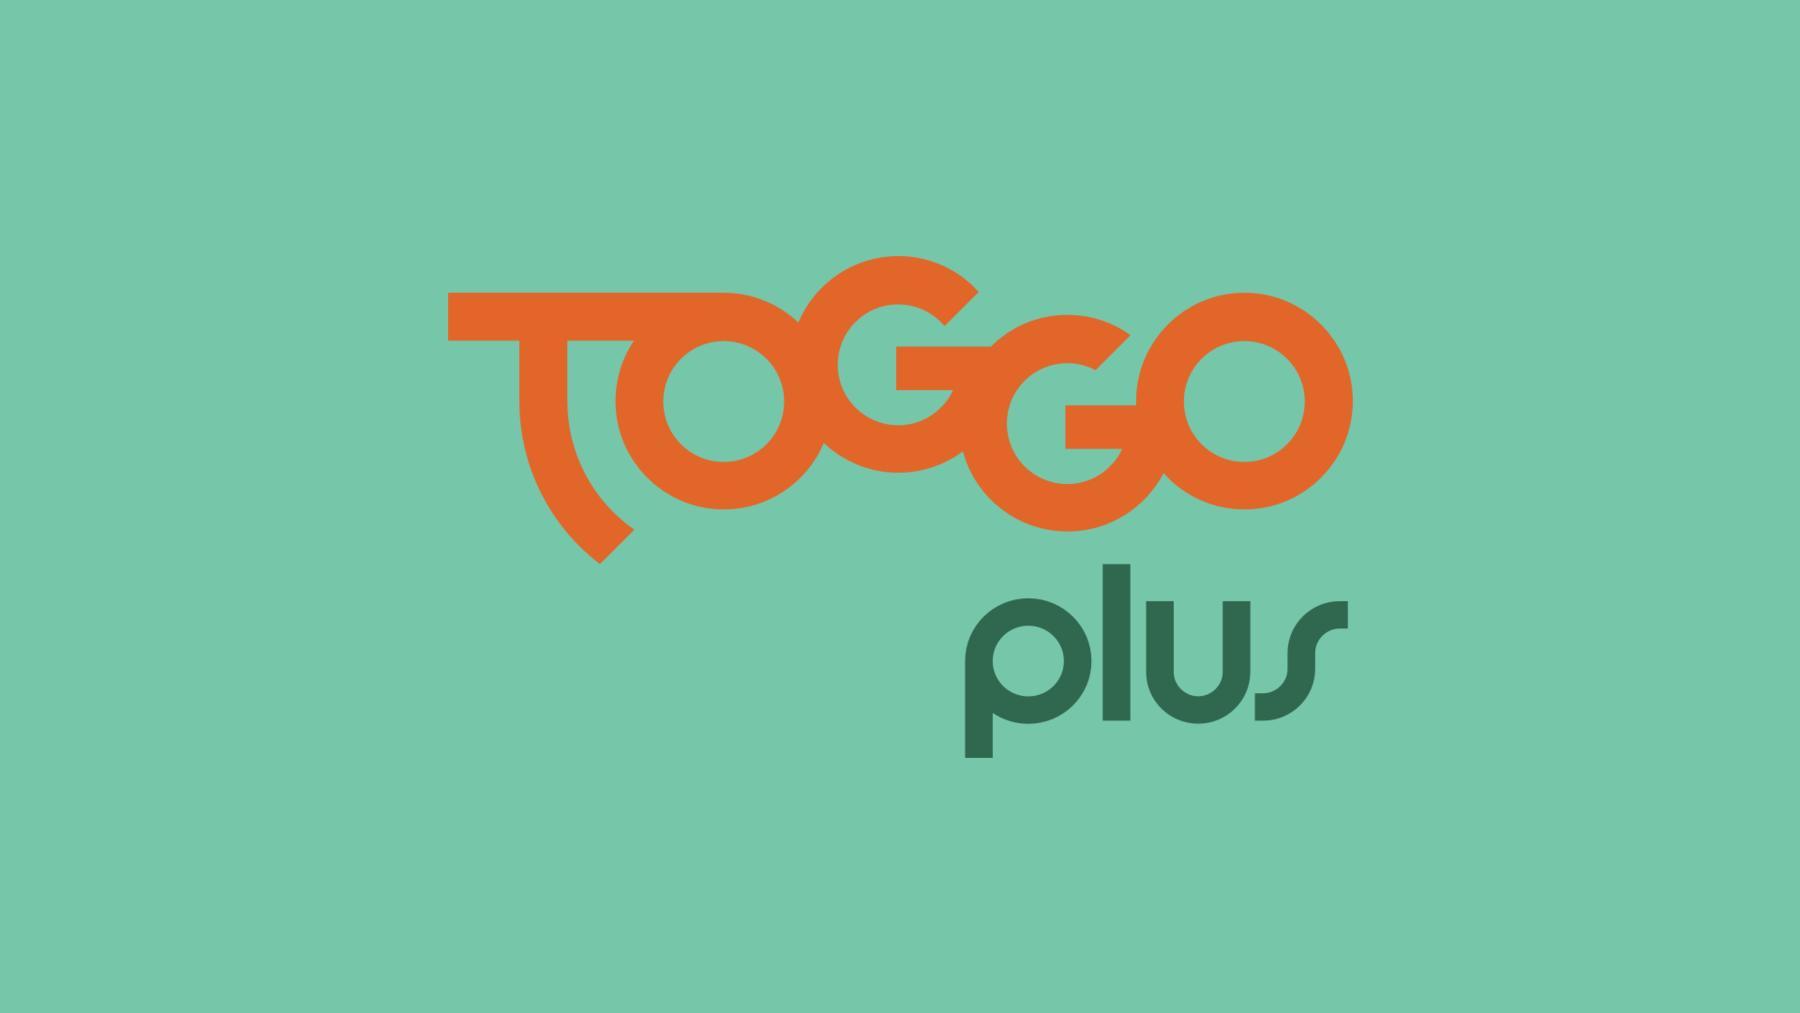 Toggo Plus.De